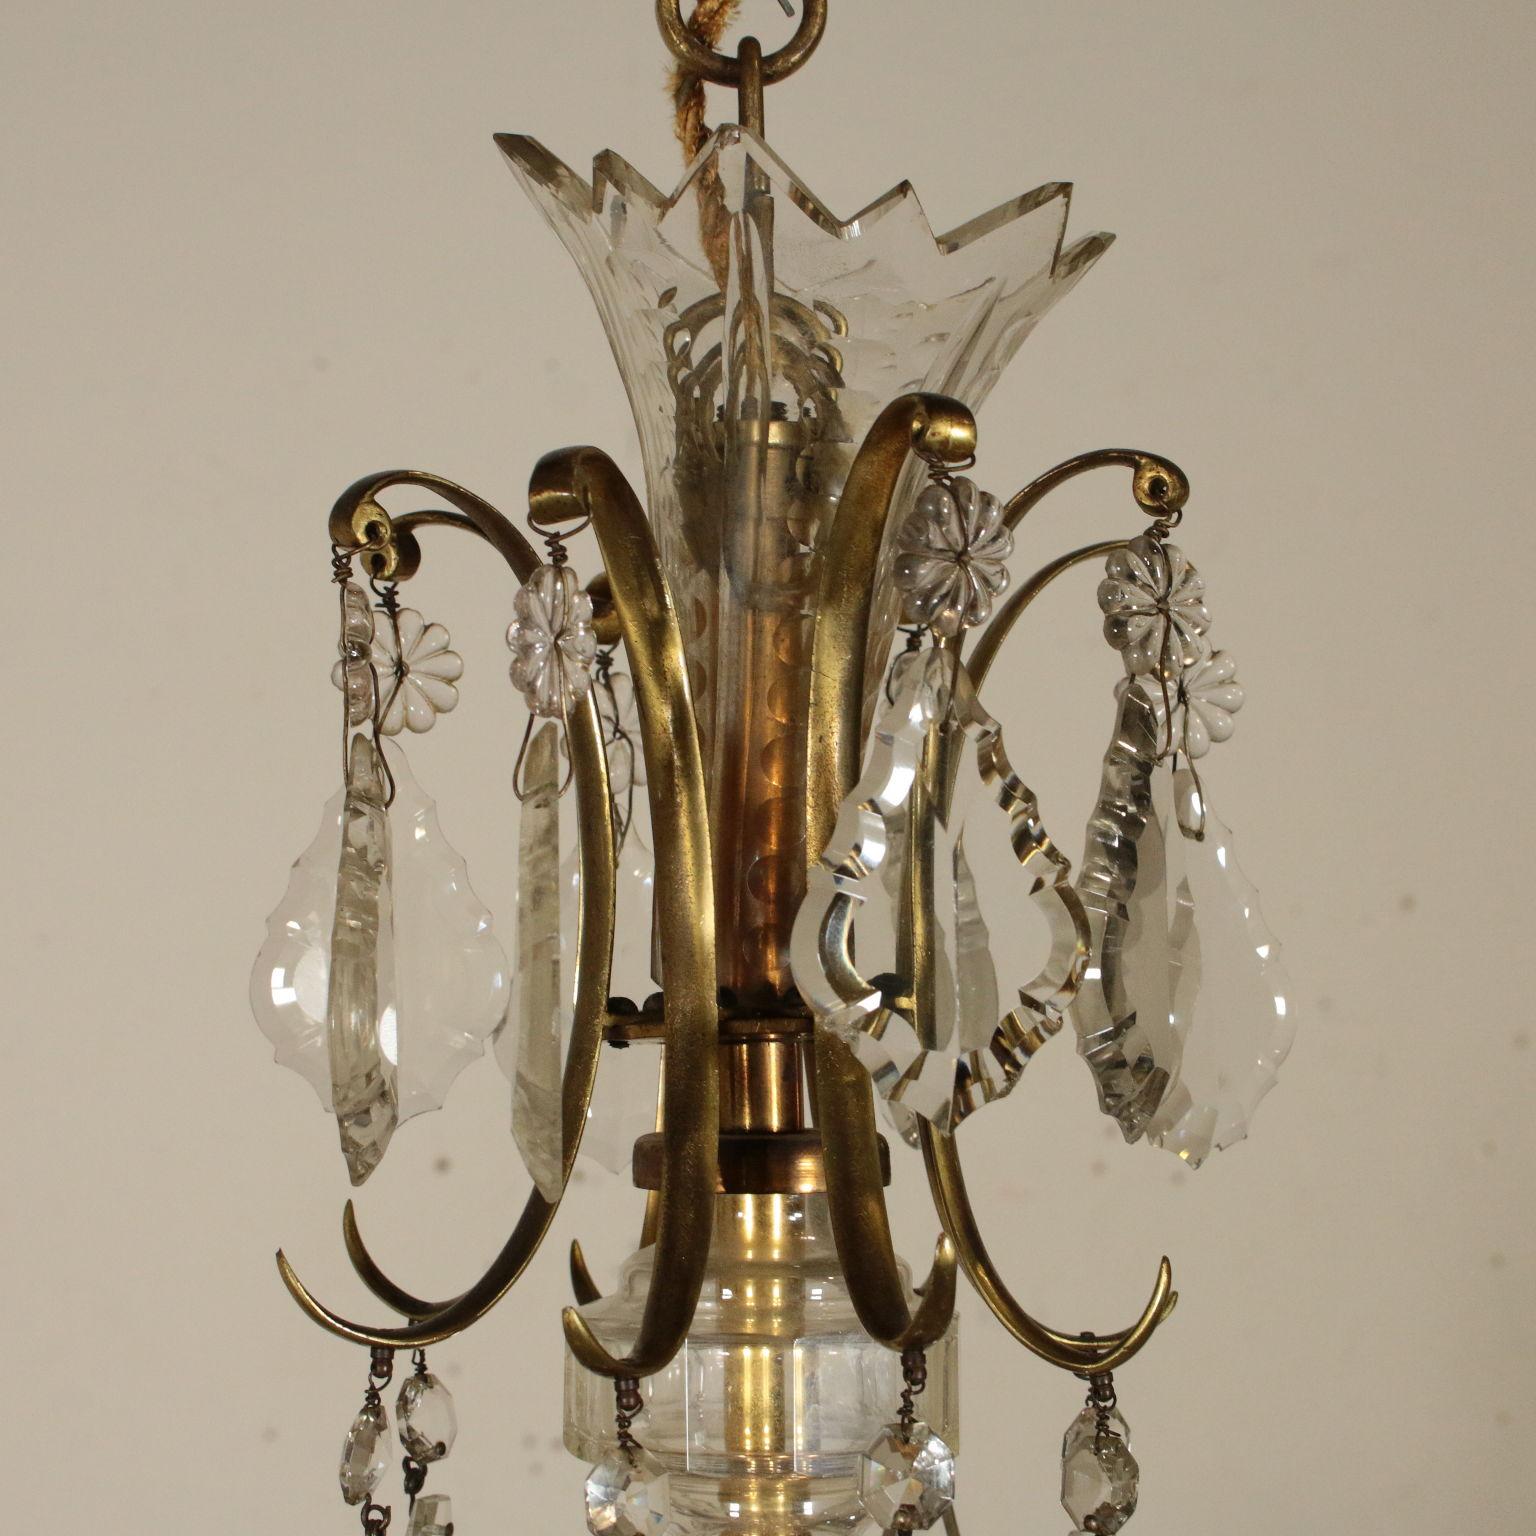 Lampadario In Ottone E Cristallo.Lampadario Ottone E Cristallo Illuminazione Bottega Del 900